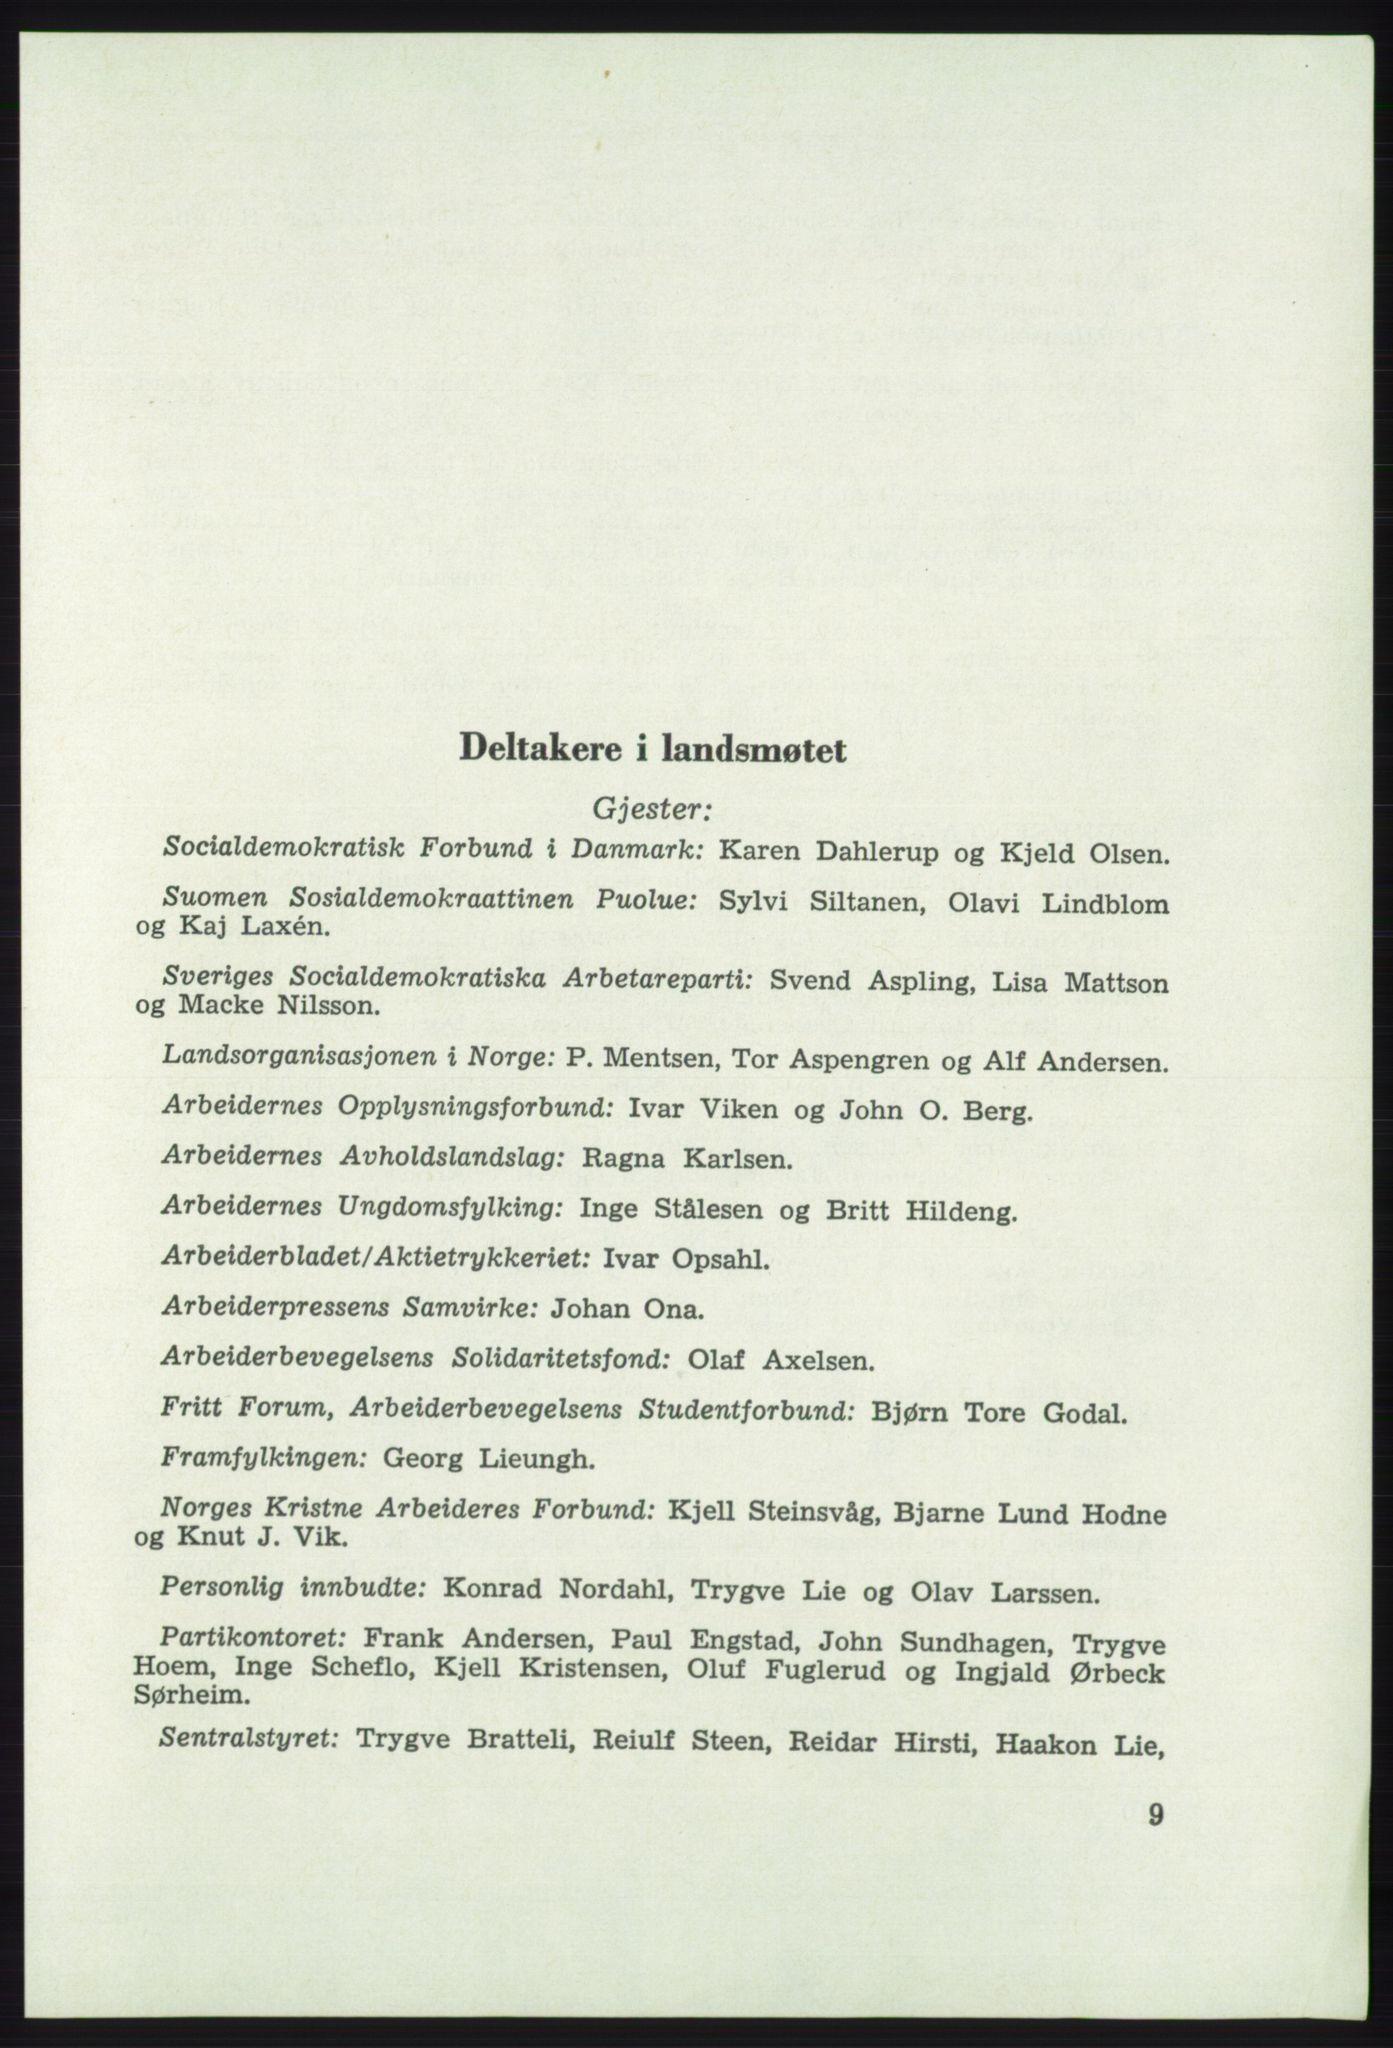 AAB, Det norske Arbeiderparti - publikasjoner, -/-: Protokoll over forhandlingene på det 41. ordinære landsmøte 21.-23. mai 1967 i Oslo, 1967, s. 9